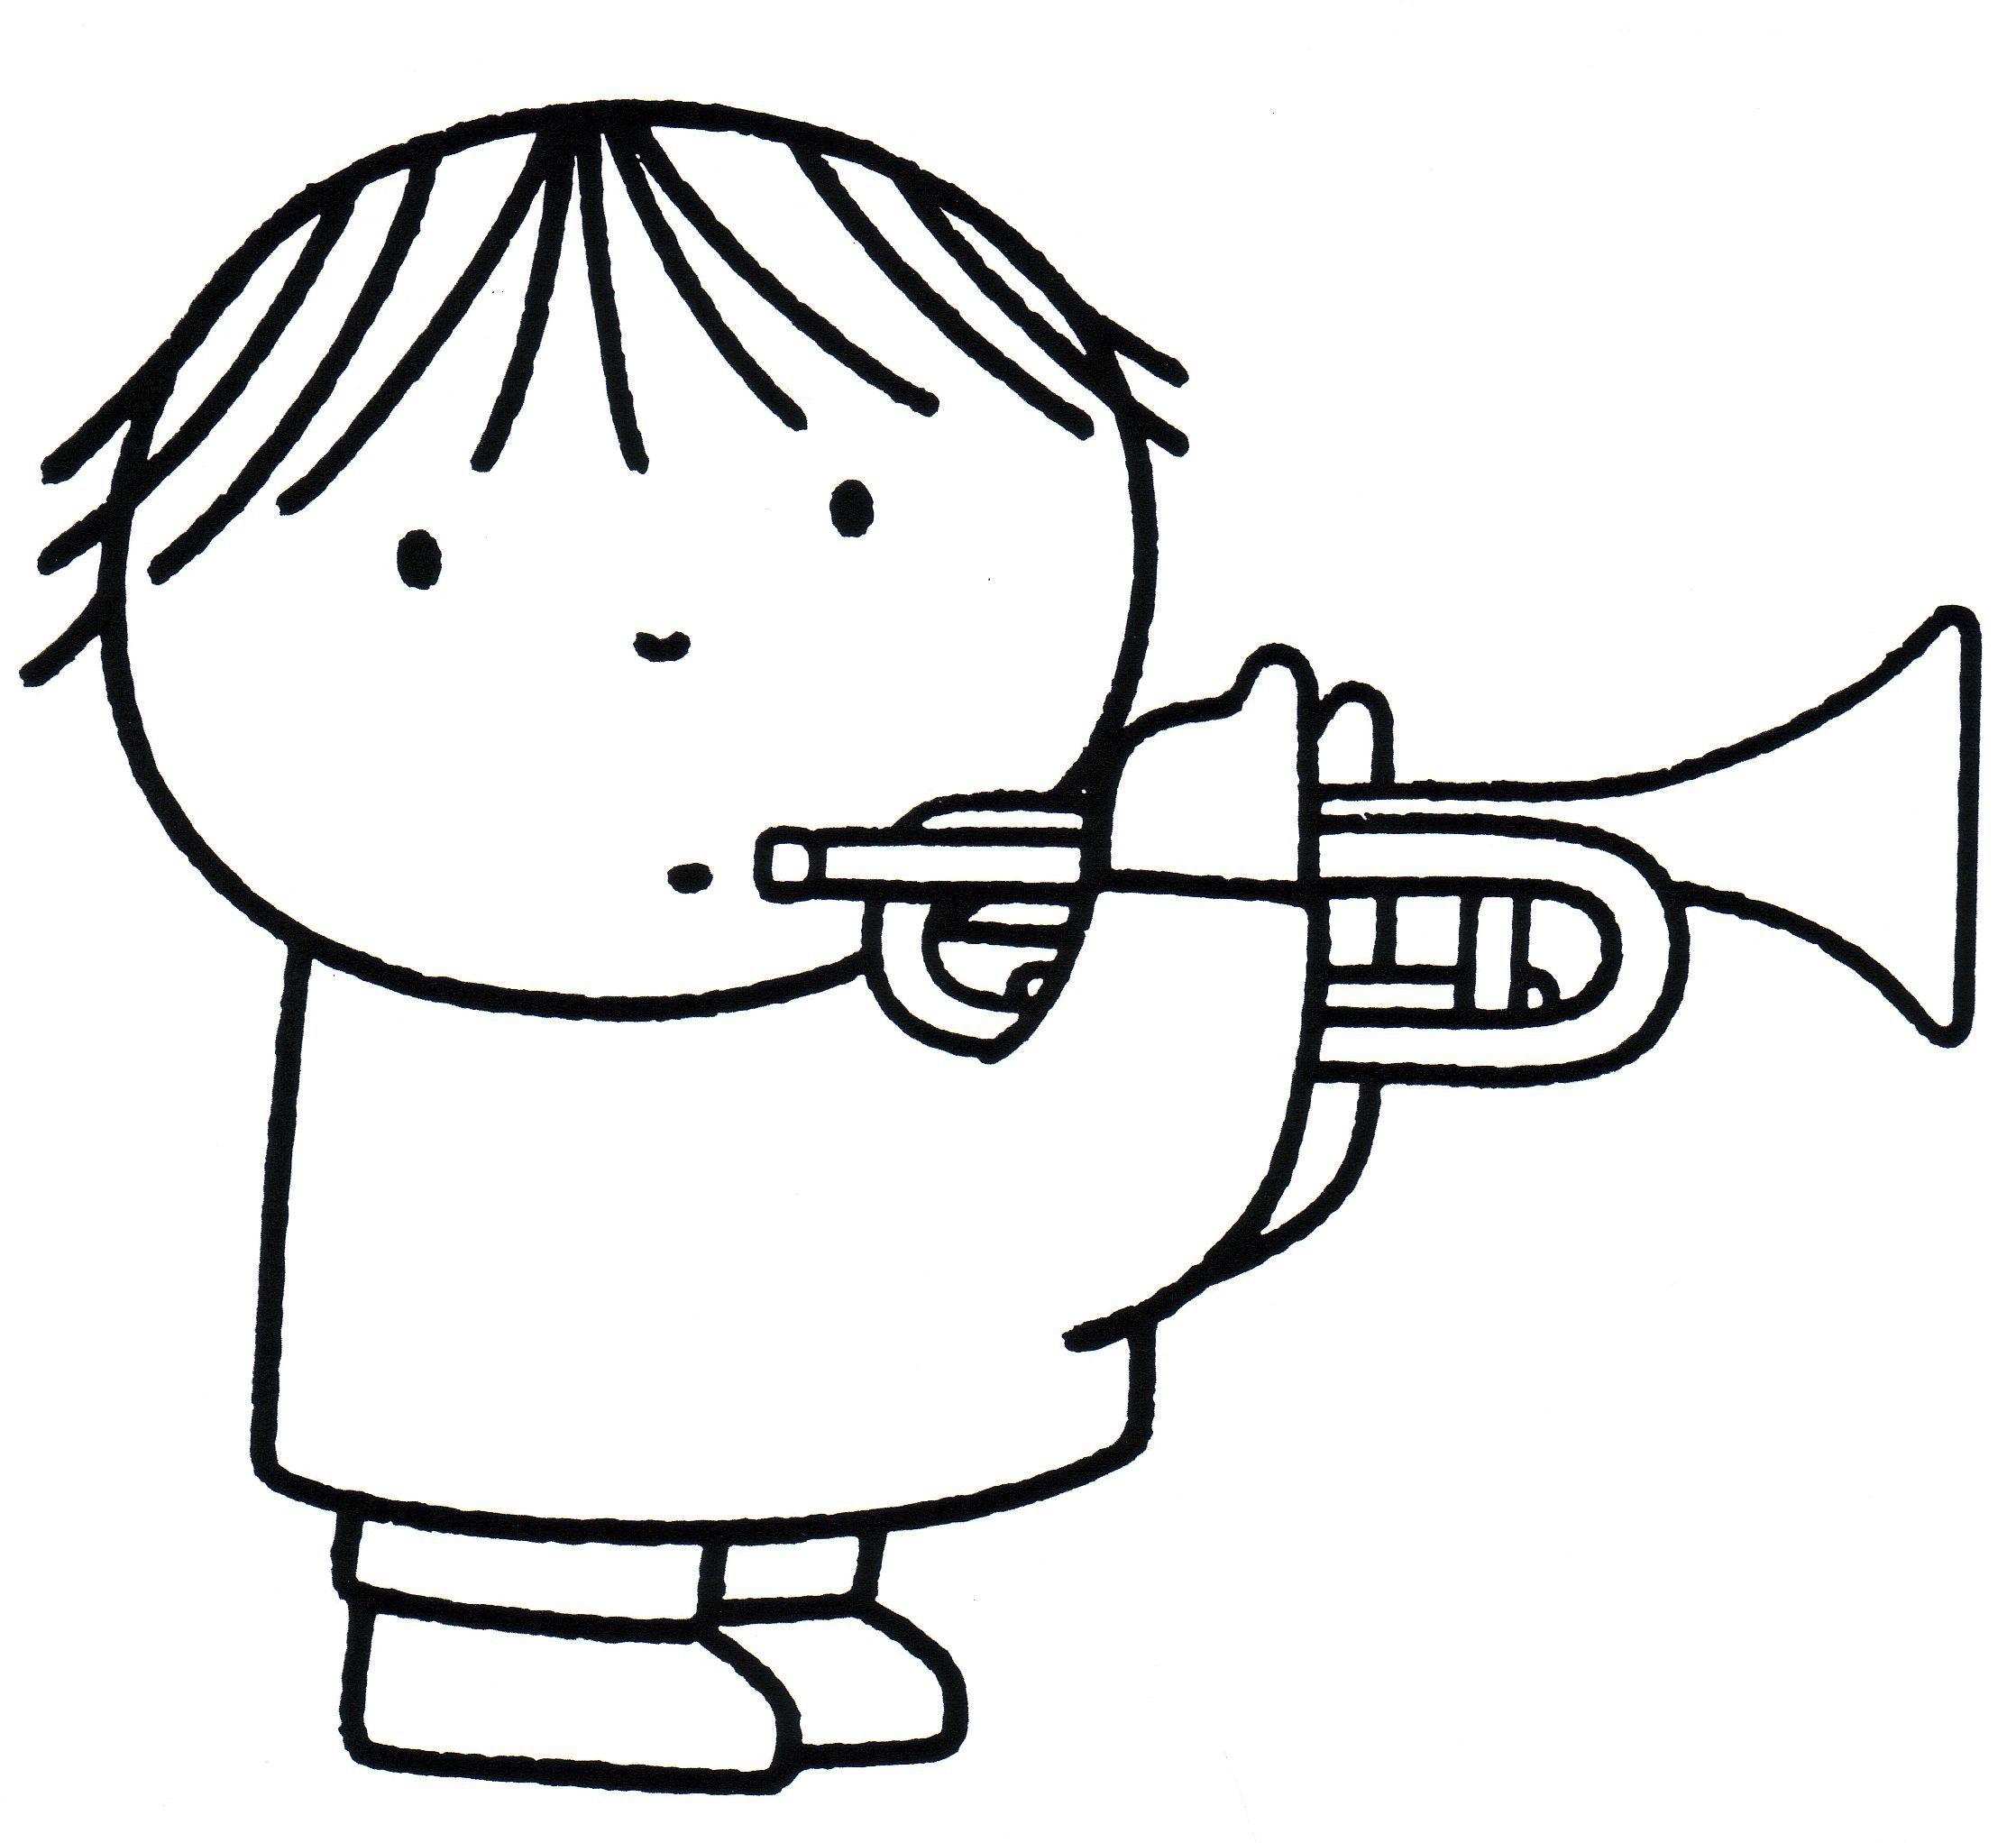 Gevonden Op Bing Via Nl Pinterest Com Muziek Trompet Muziek Muziek Tekeningen